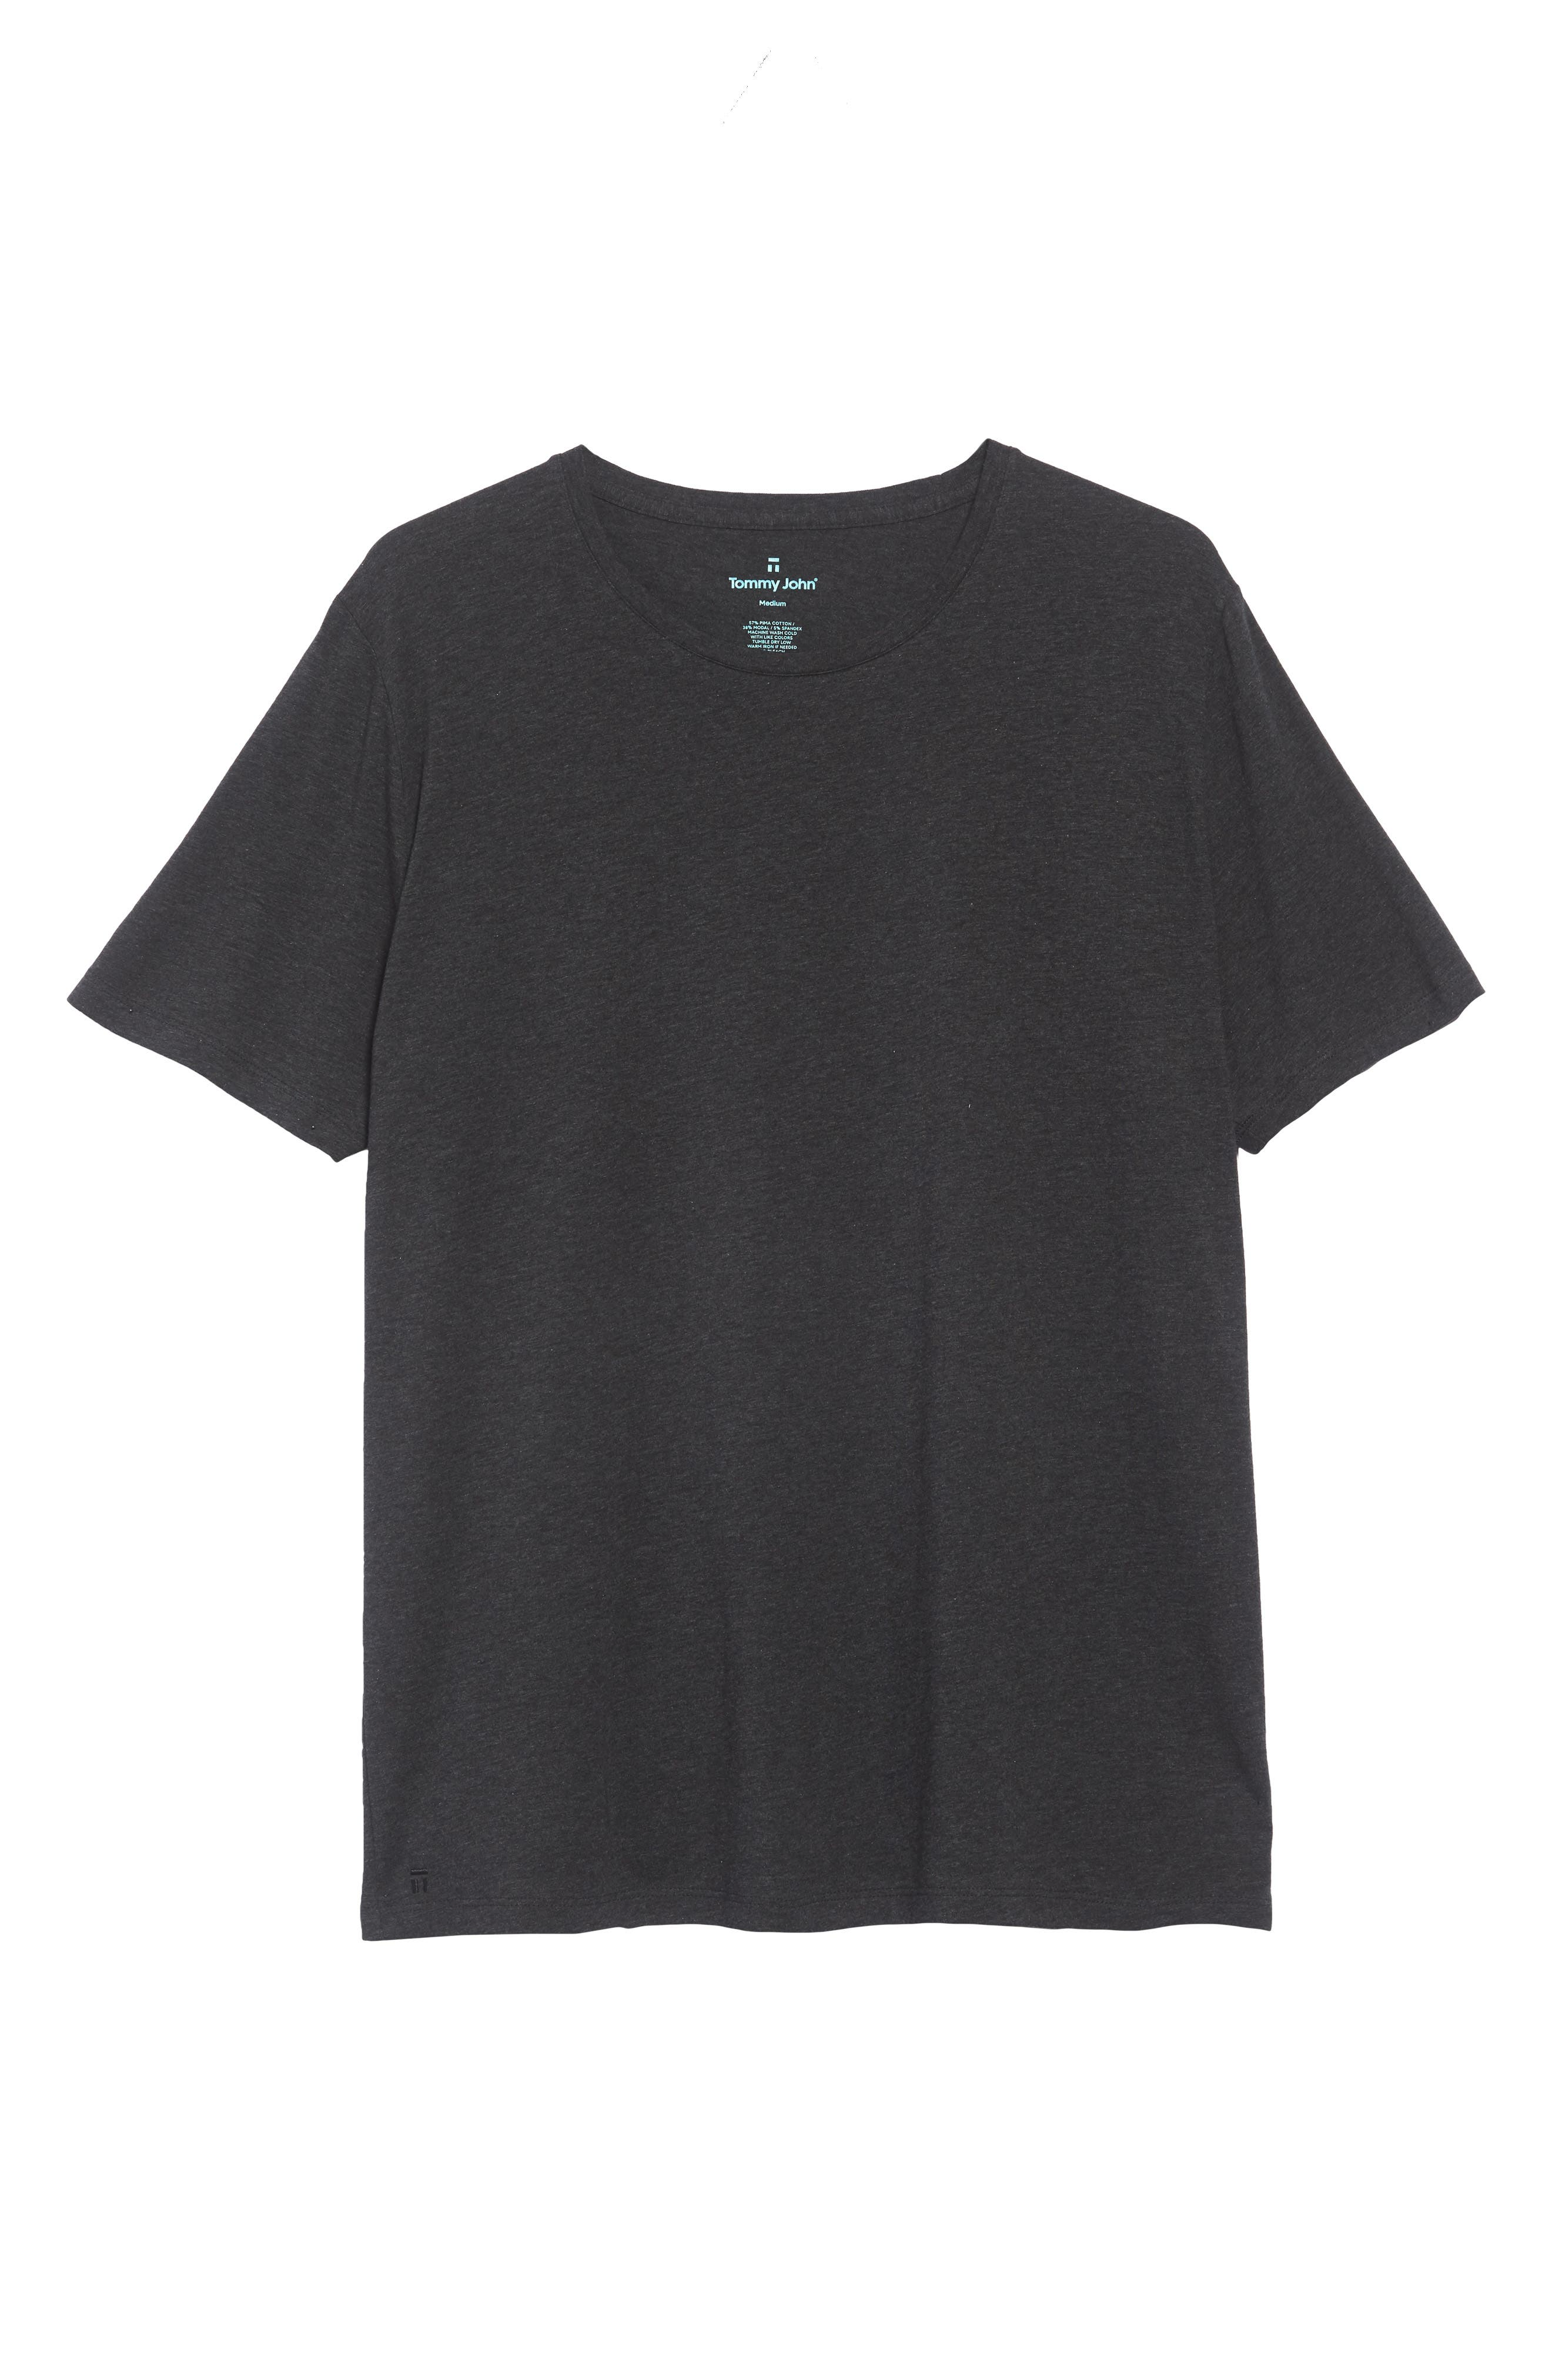 Cotton Blend Crewneck T-Shirt,                             Alternate thumbnail 6, color,                             HEATHER CHARCOAL